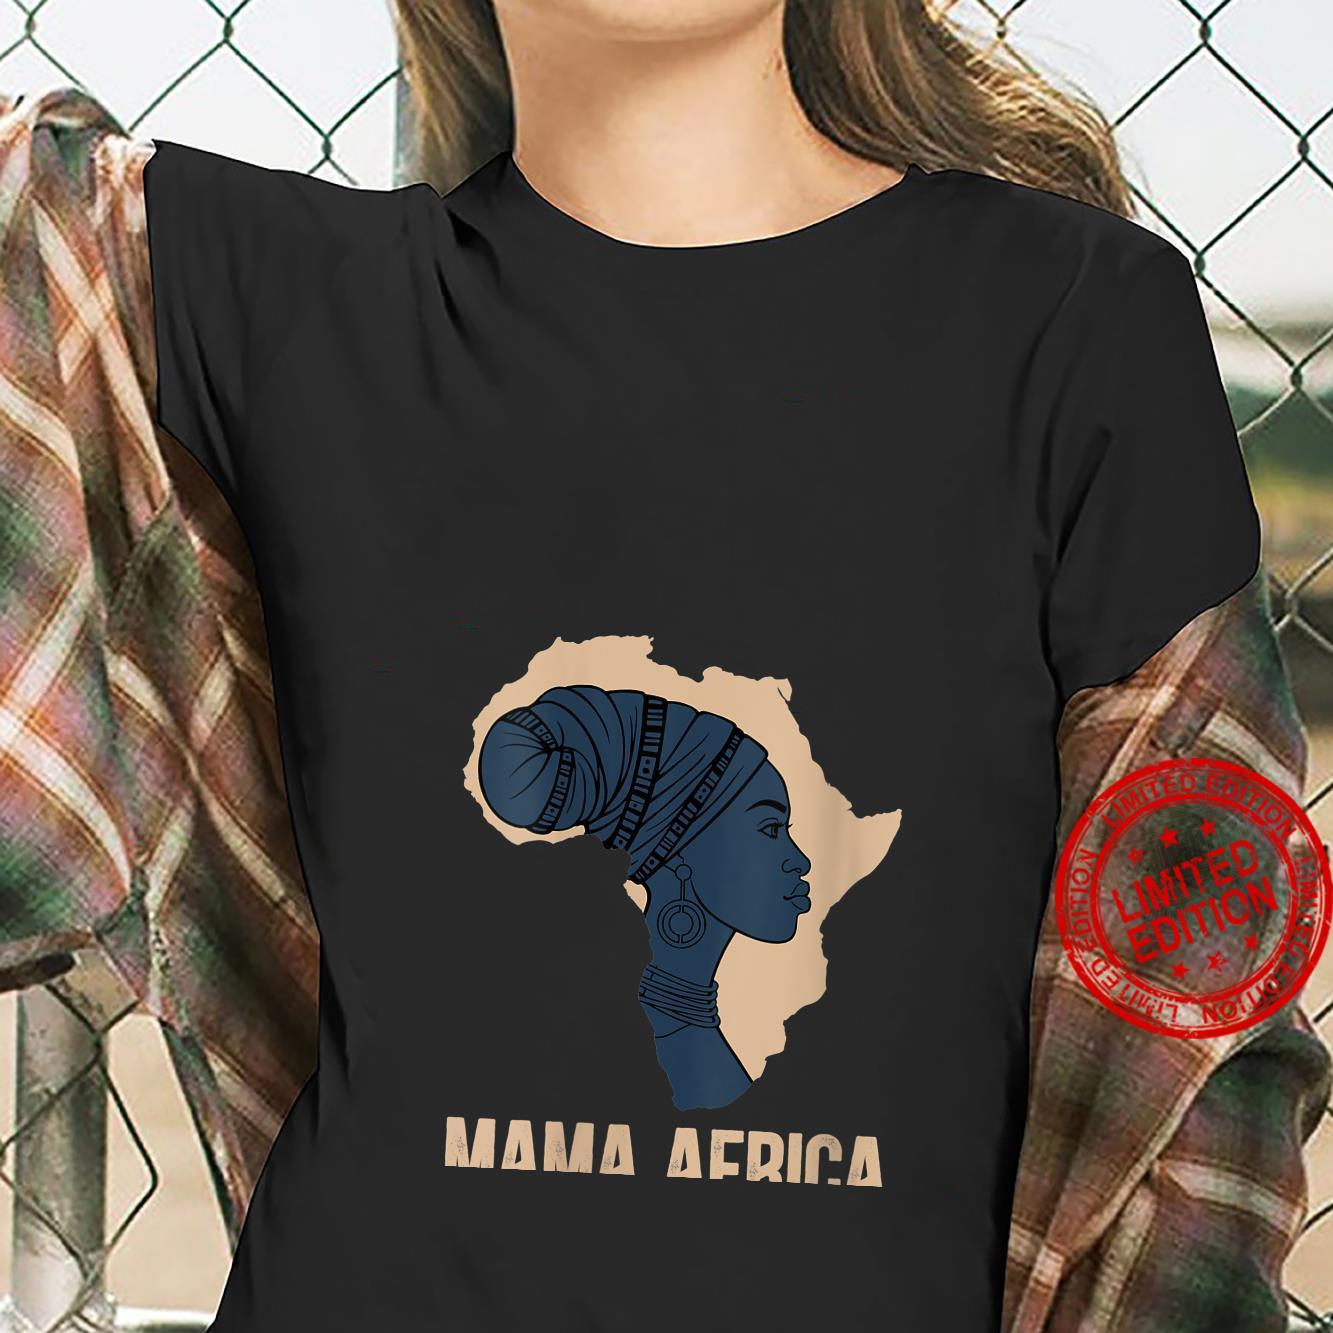 Womens Mama Africa Shirt ladies tee